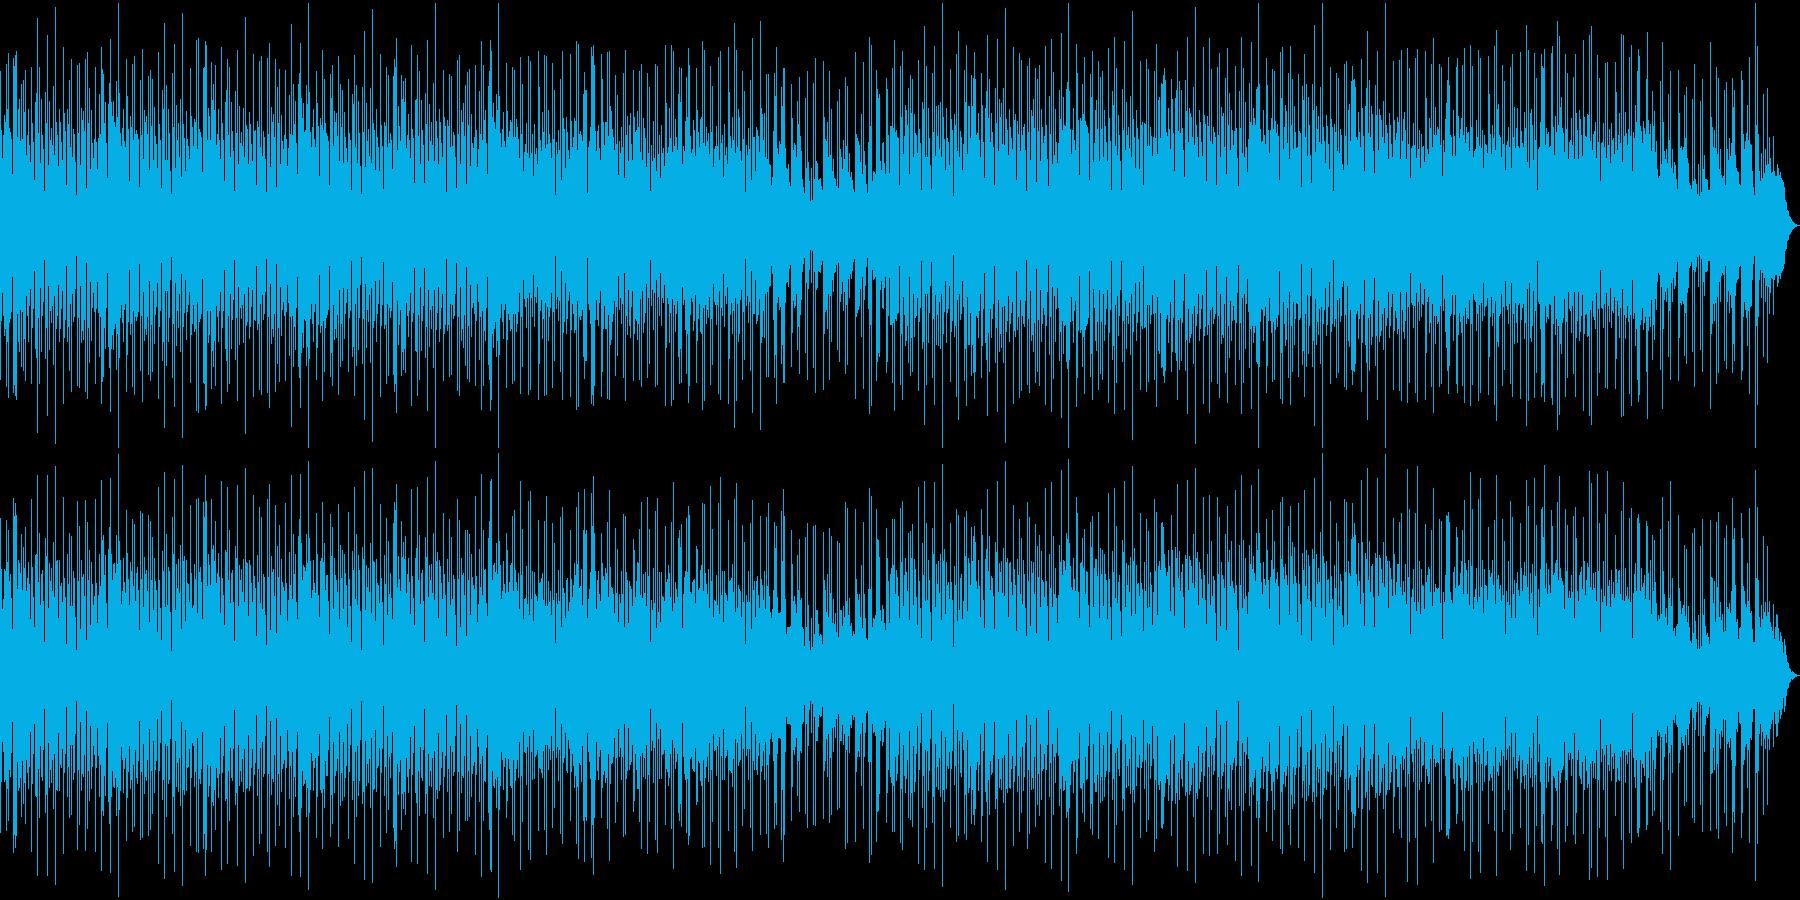 ゆったりした雰囲気のポップスの再生済みの波形